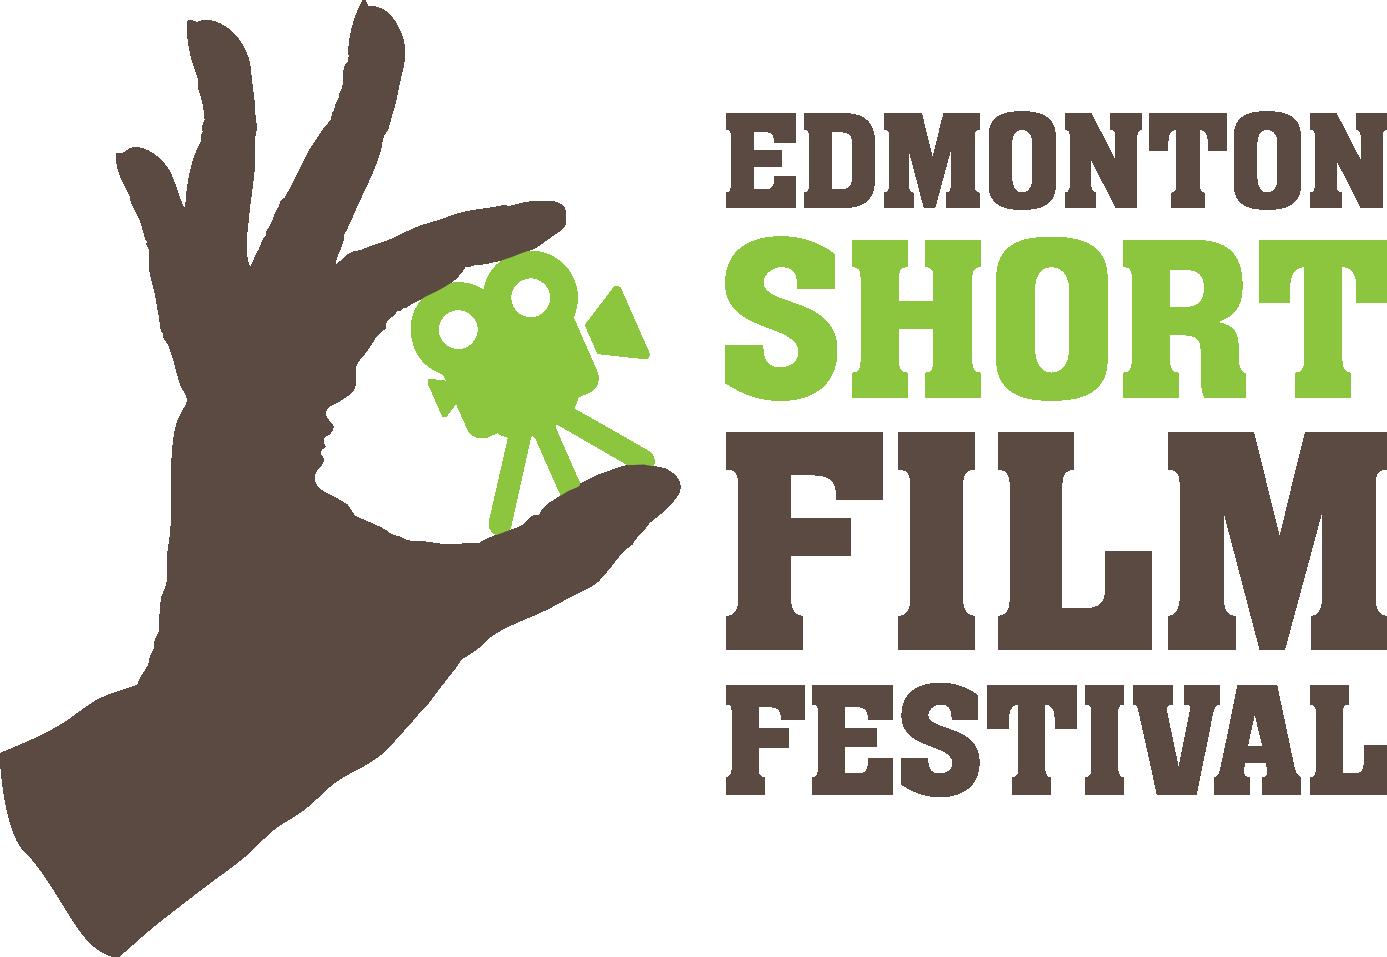 Film short film